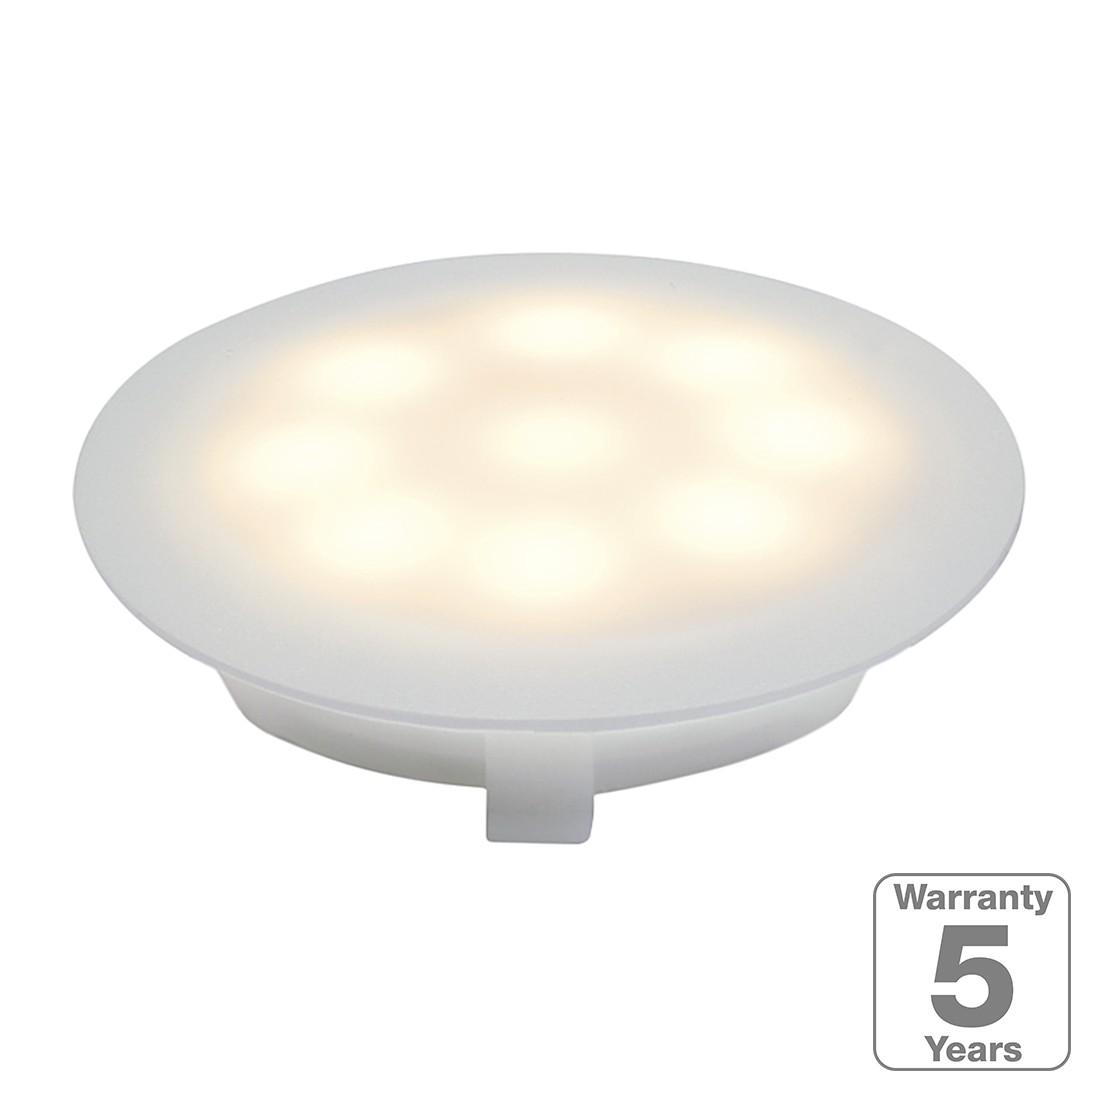 Einbauleuchte UpDownlight – 1-flammig, Paulmann günstig kaufen